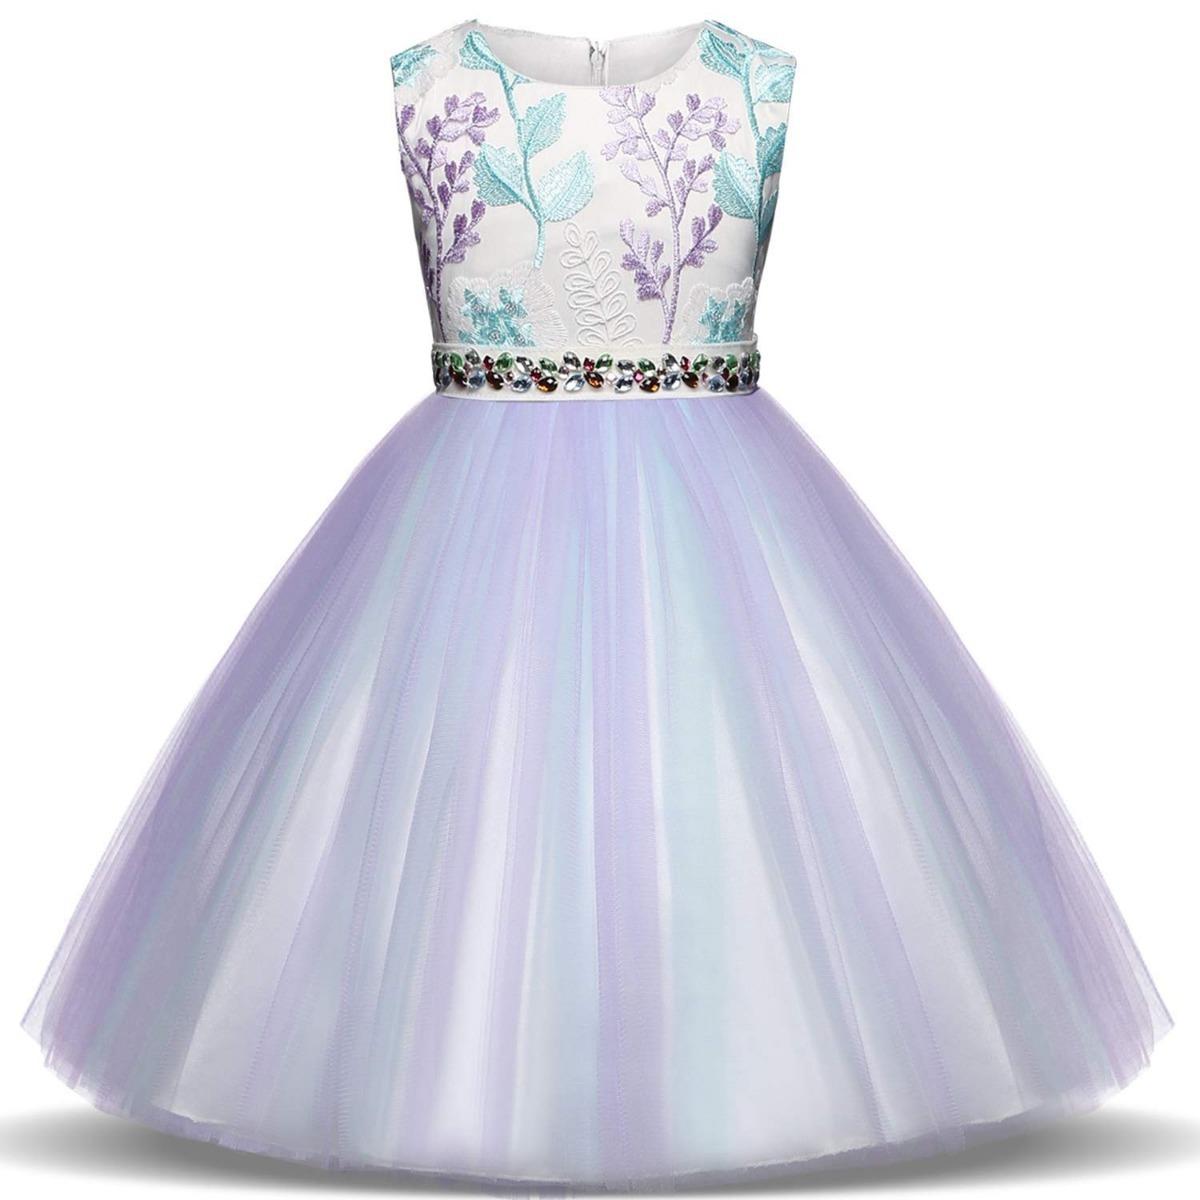 vestido para niñas morado fiestas bodas ttyaovo. Cargando zoom. 2d5ef8af0b51